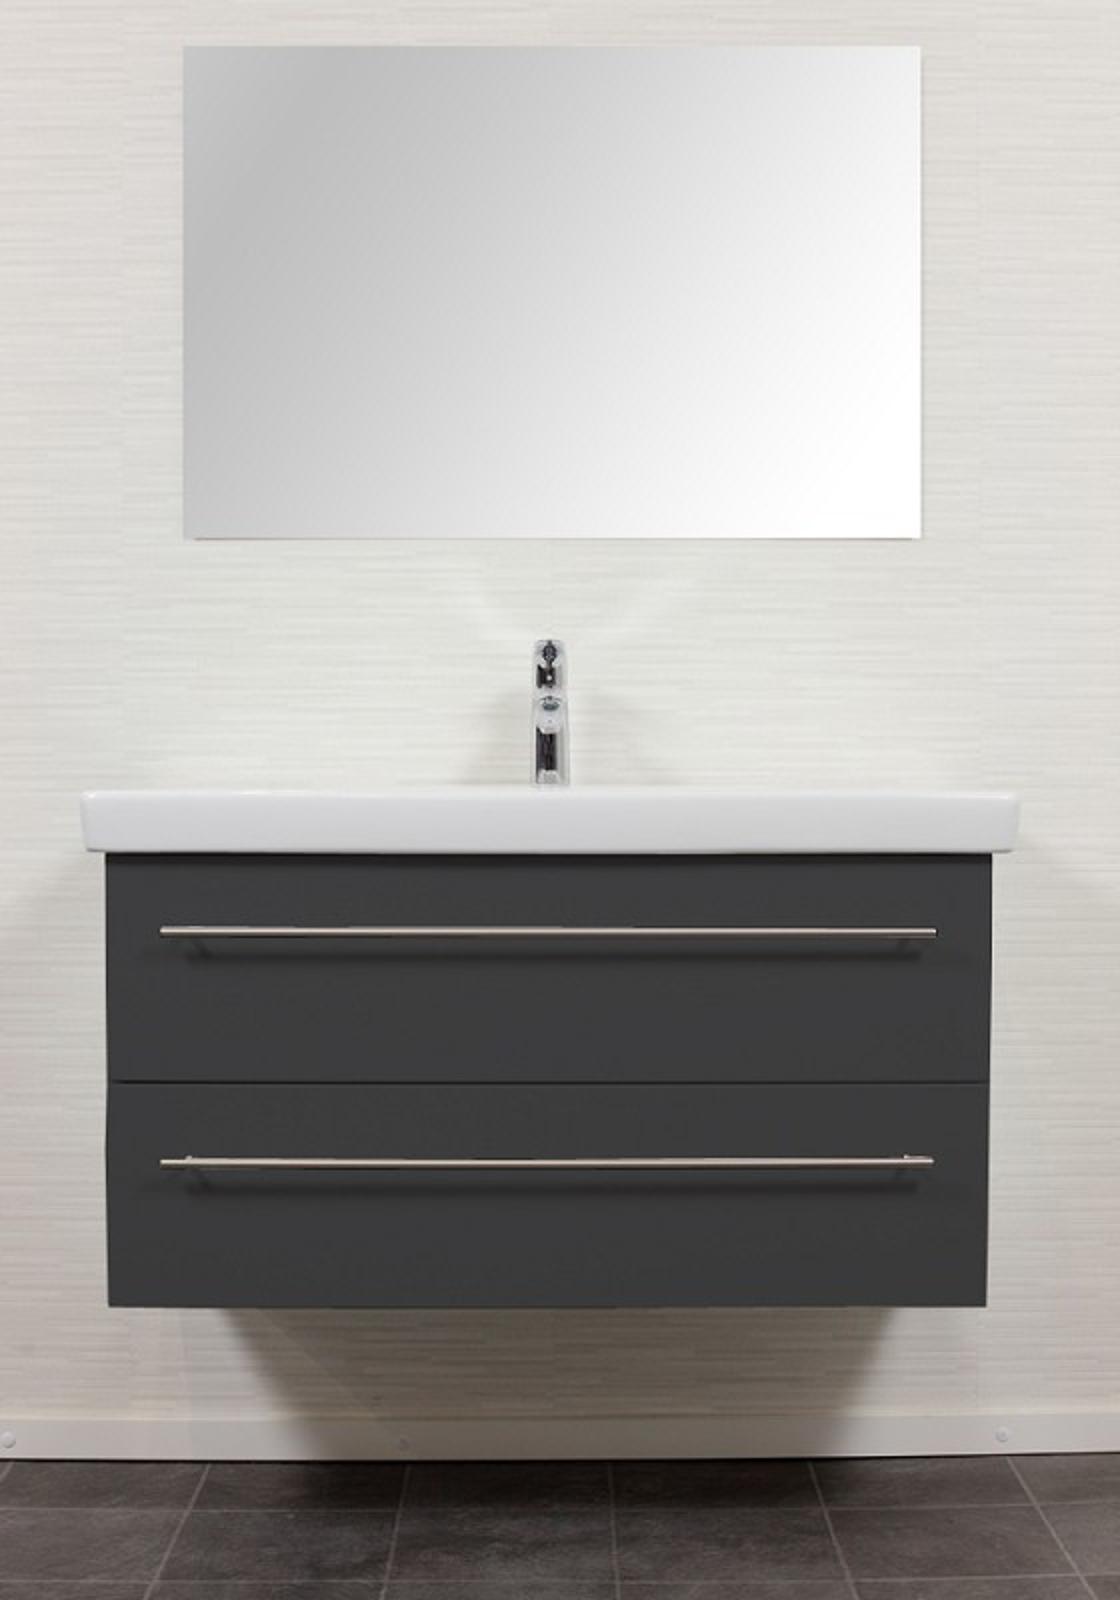 bad waschtisch mit villeroy boch becken subway 2 0 100 cm breit grau bad waschtische. Black Bedroom Furniture Sets. Home Design Ideas